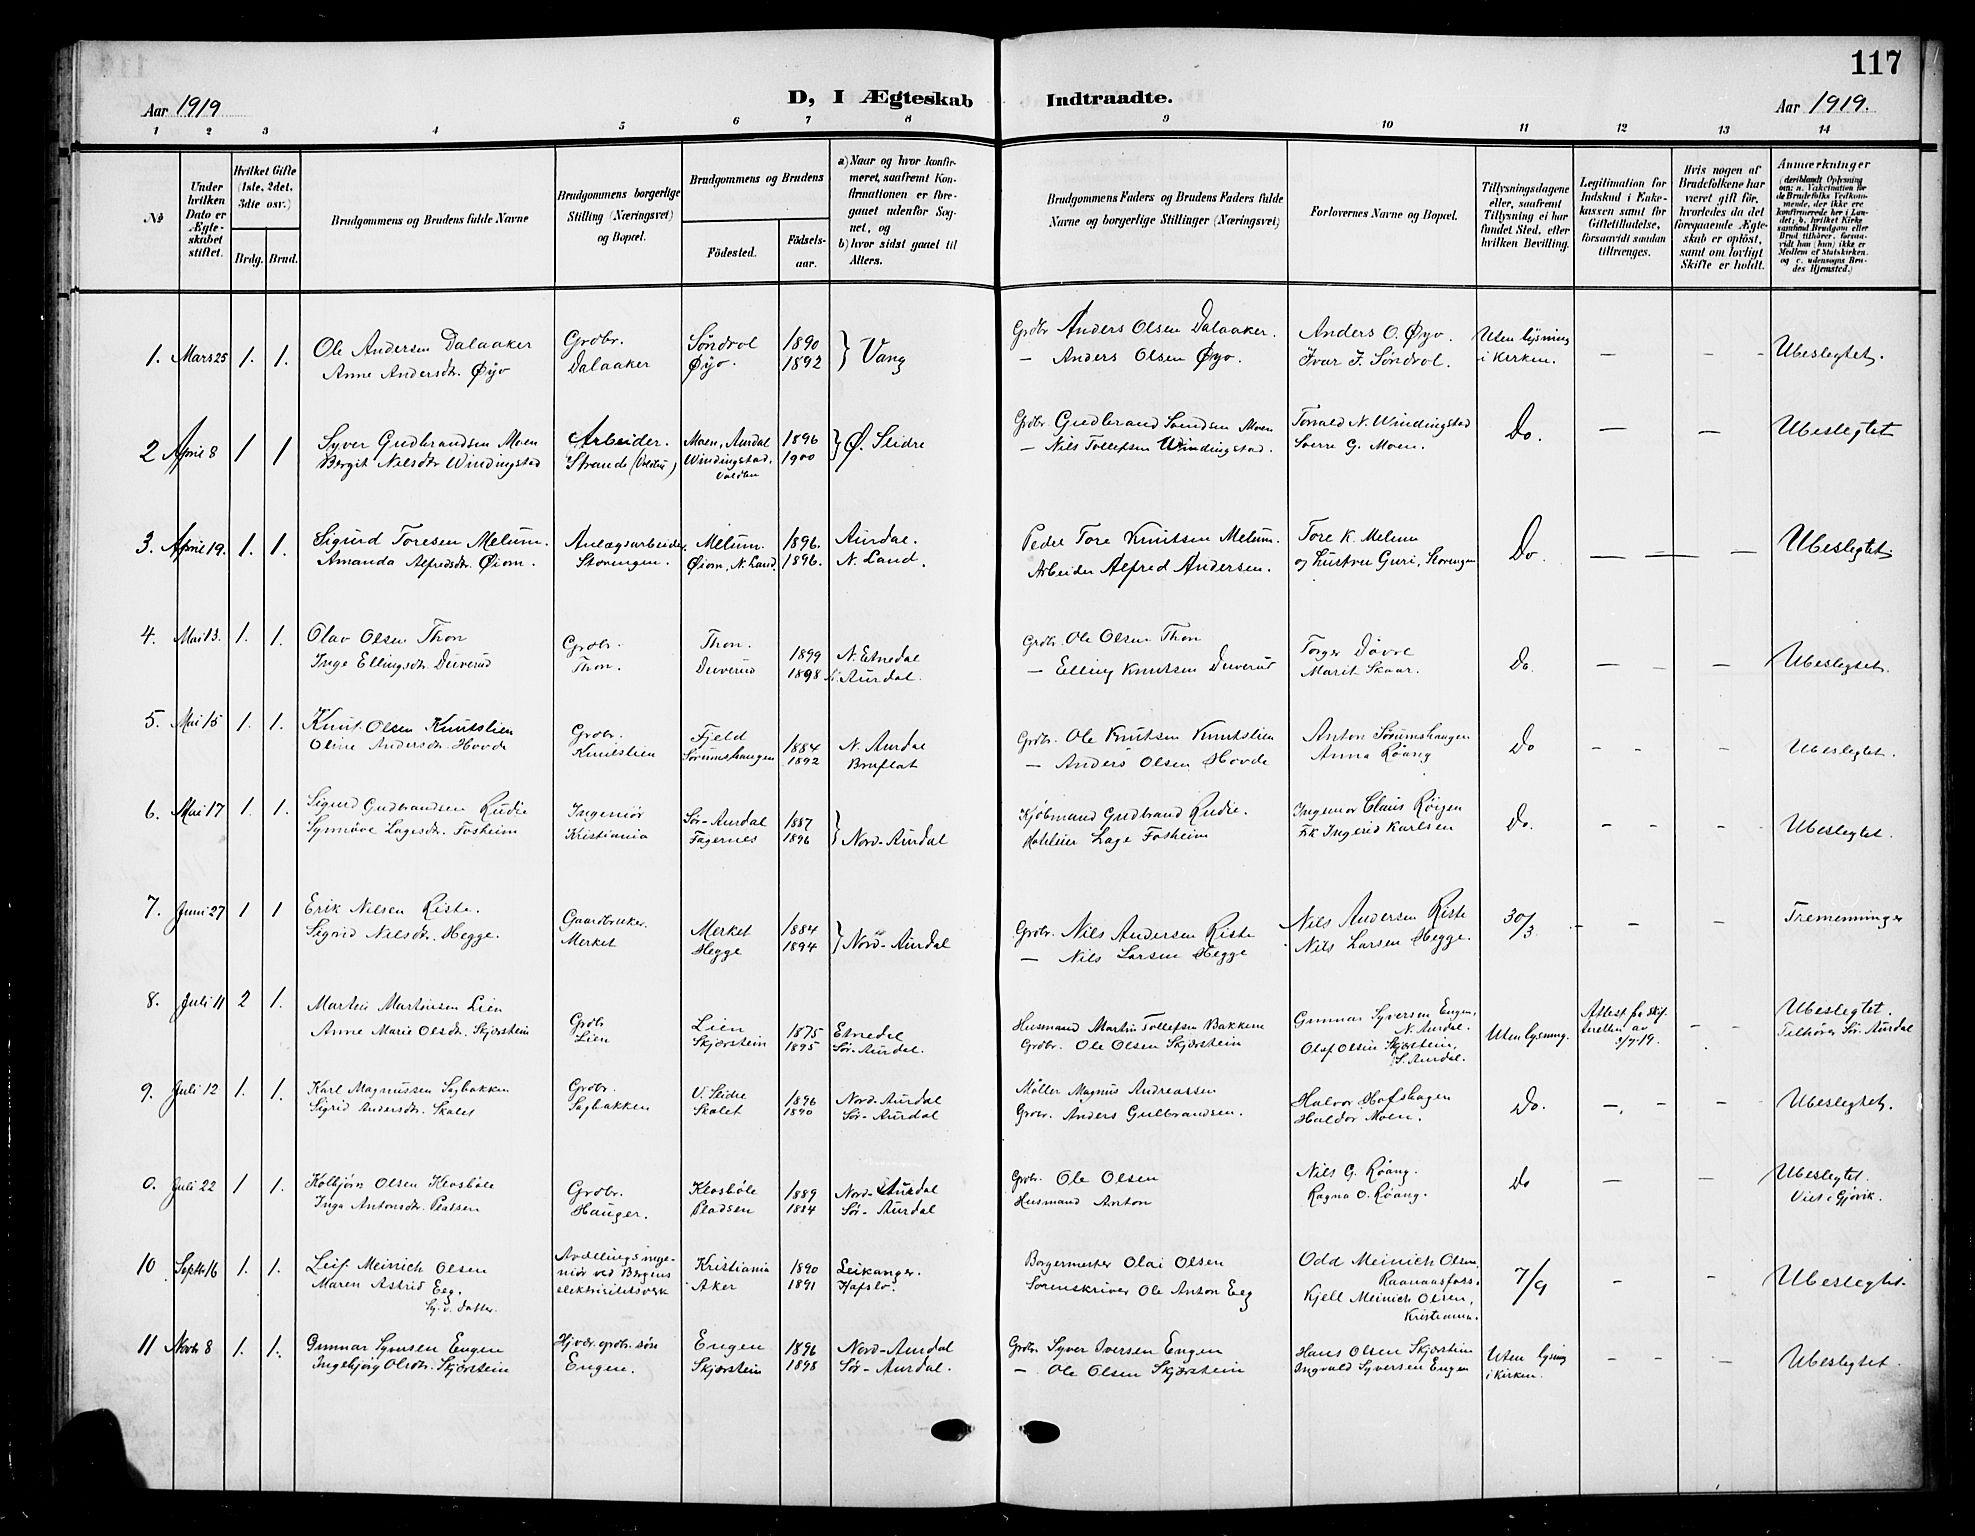 SAH, Nord-Aurdal prestekontor, Klokkerbok nr. 12, 1907-1920, s. 117